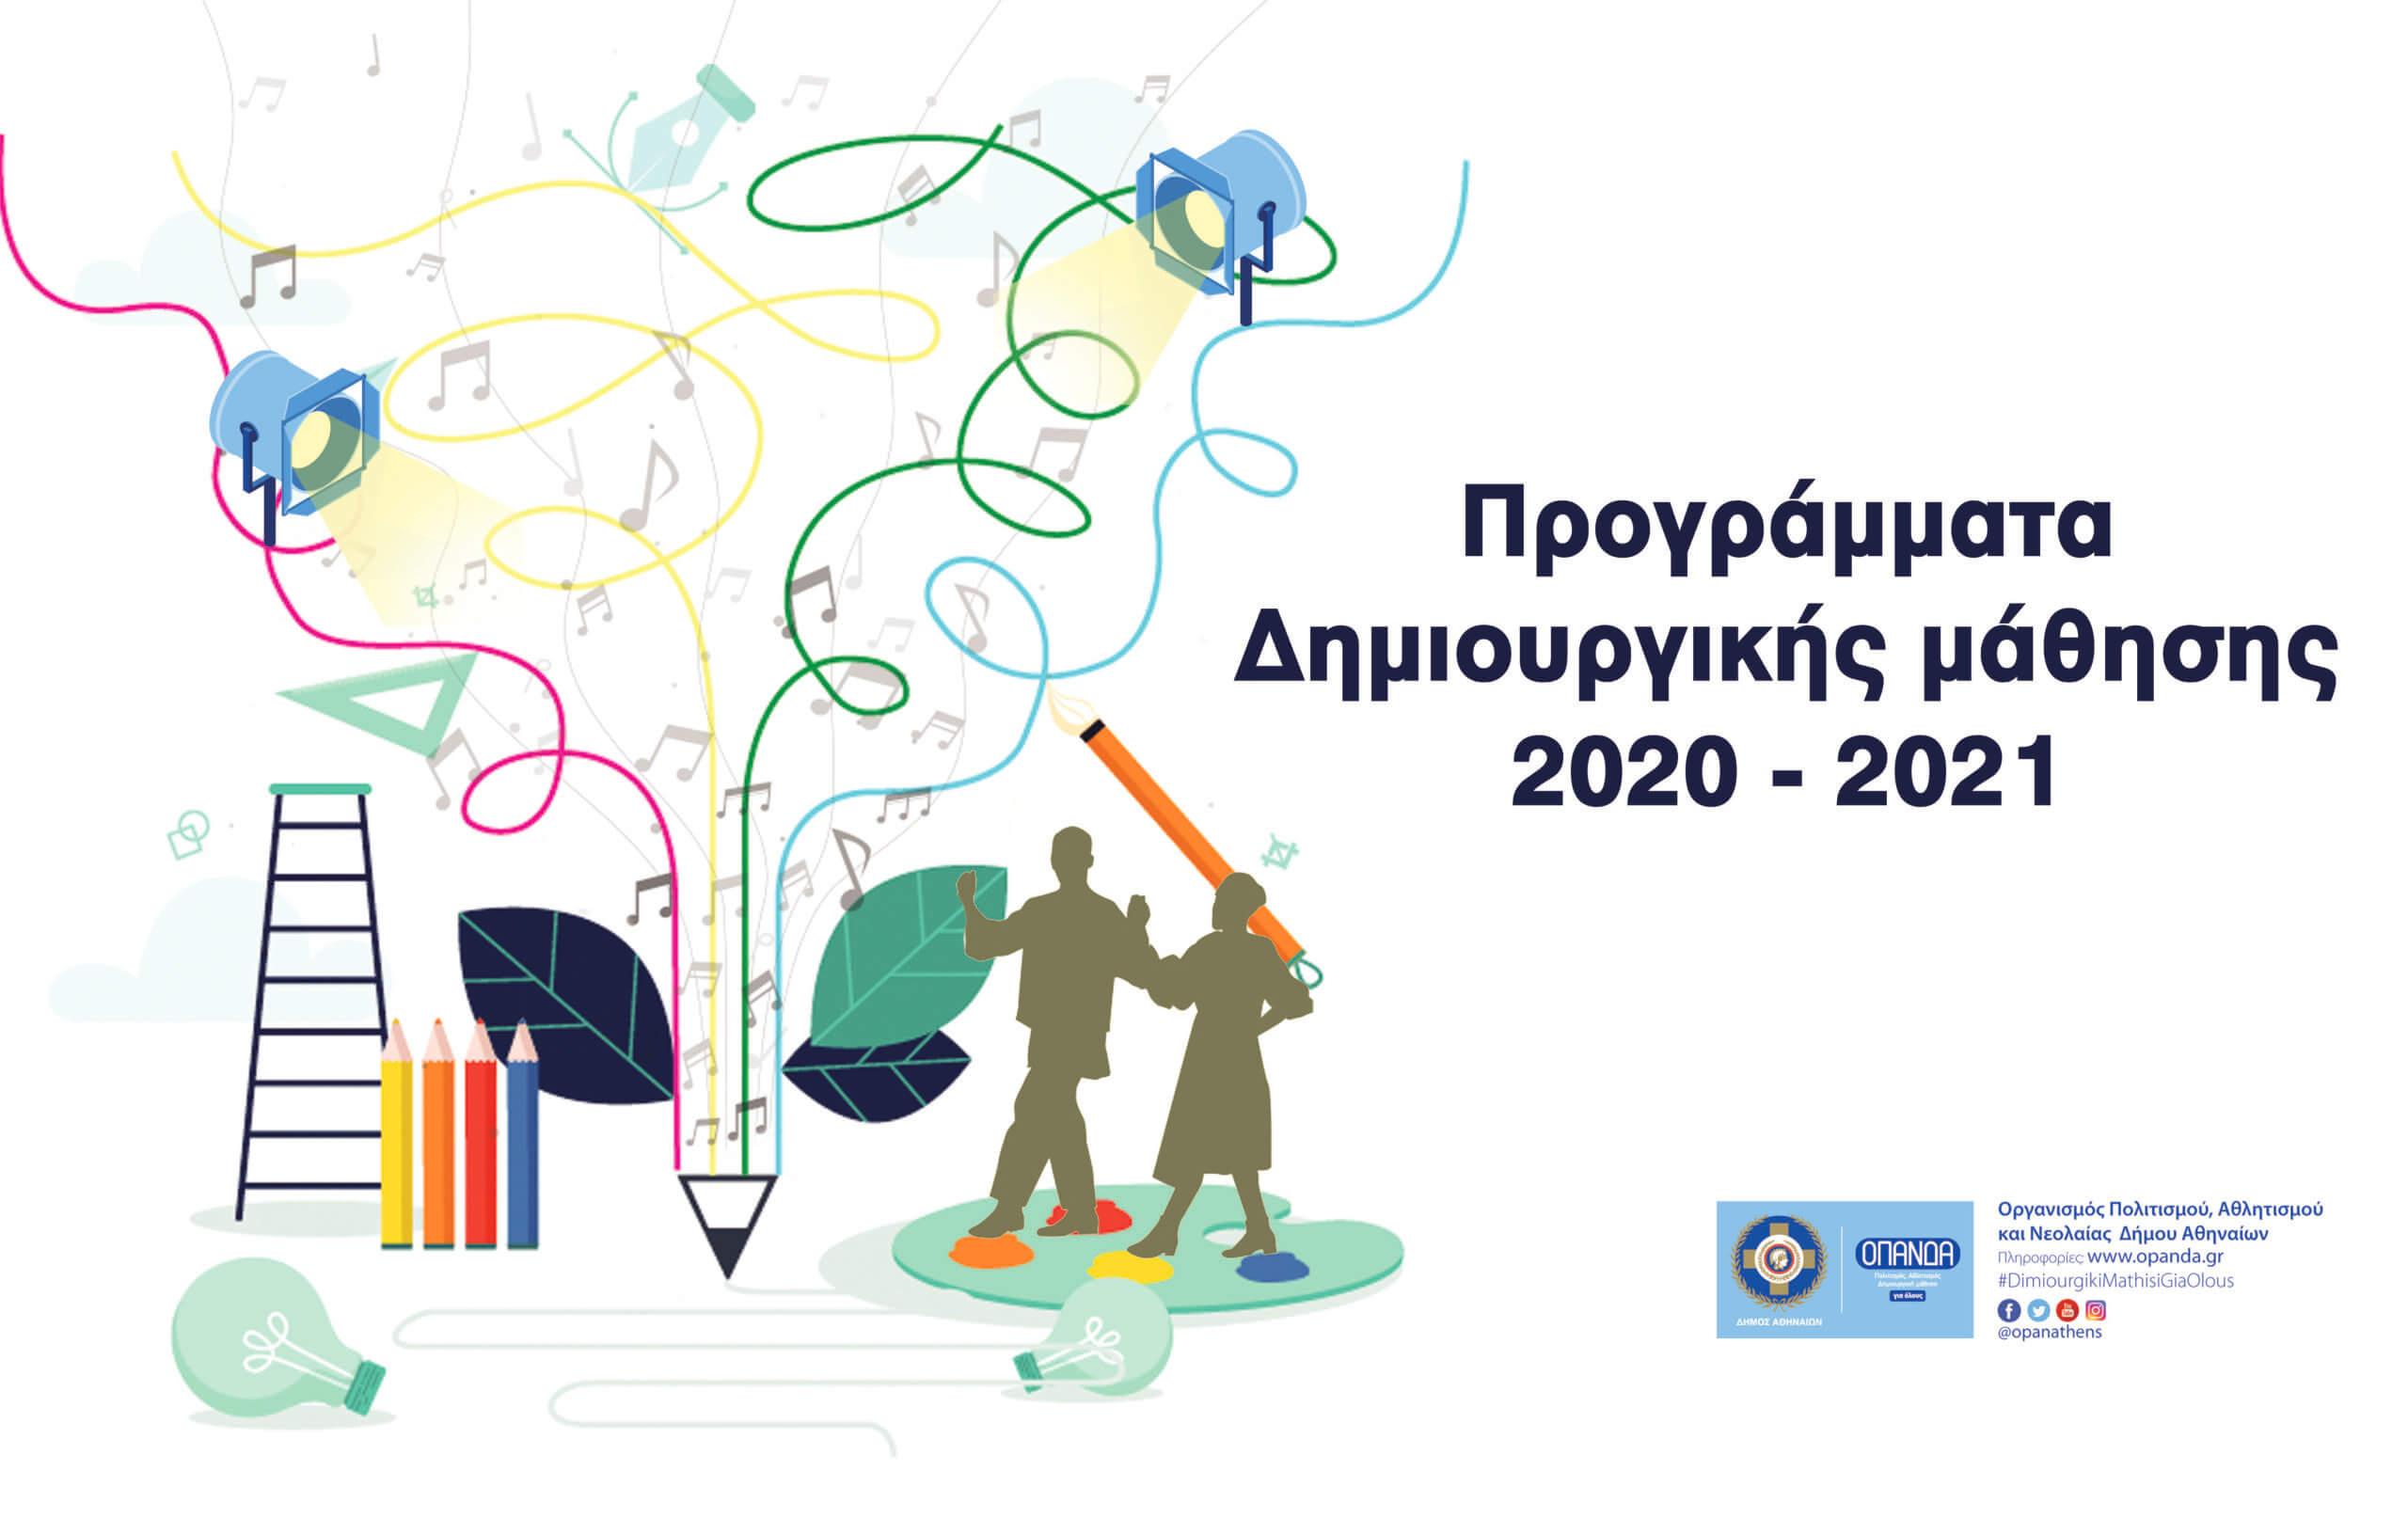 Δήμος Αθηναίων: Ξεκινούν οι εγγραφές στα Κέντρα Δημιουργικής Μάθησης του ΟΠΑΝΔΑ